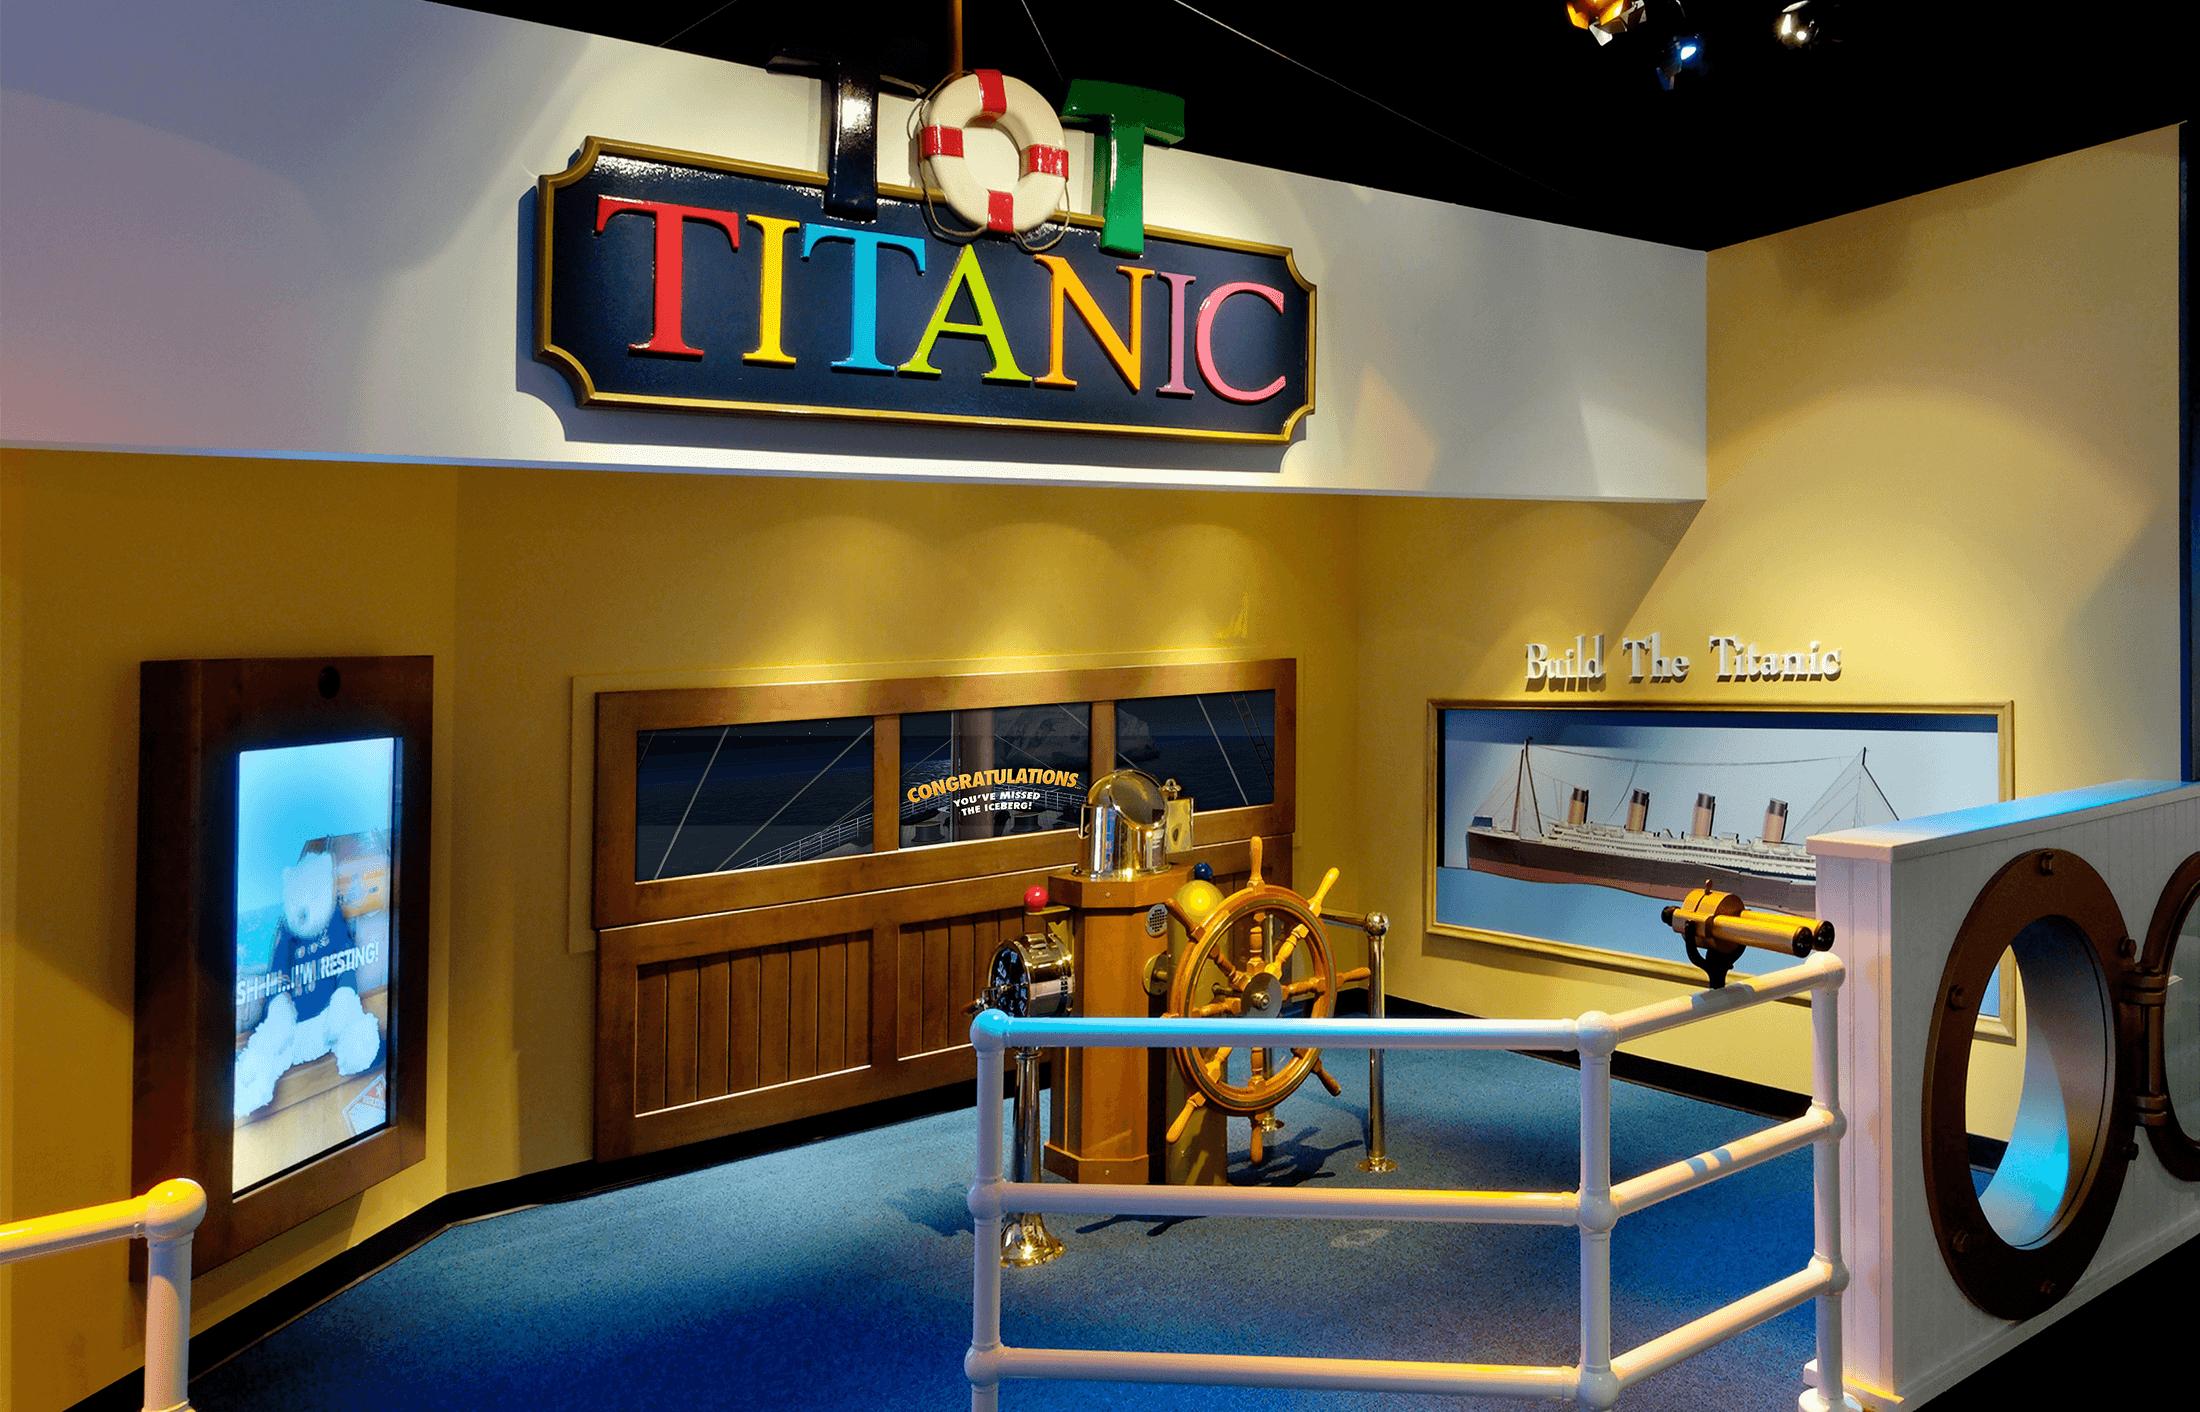 Titanic Museum Exhibits